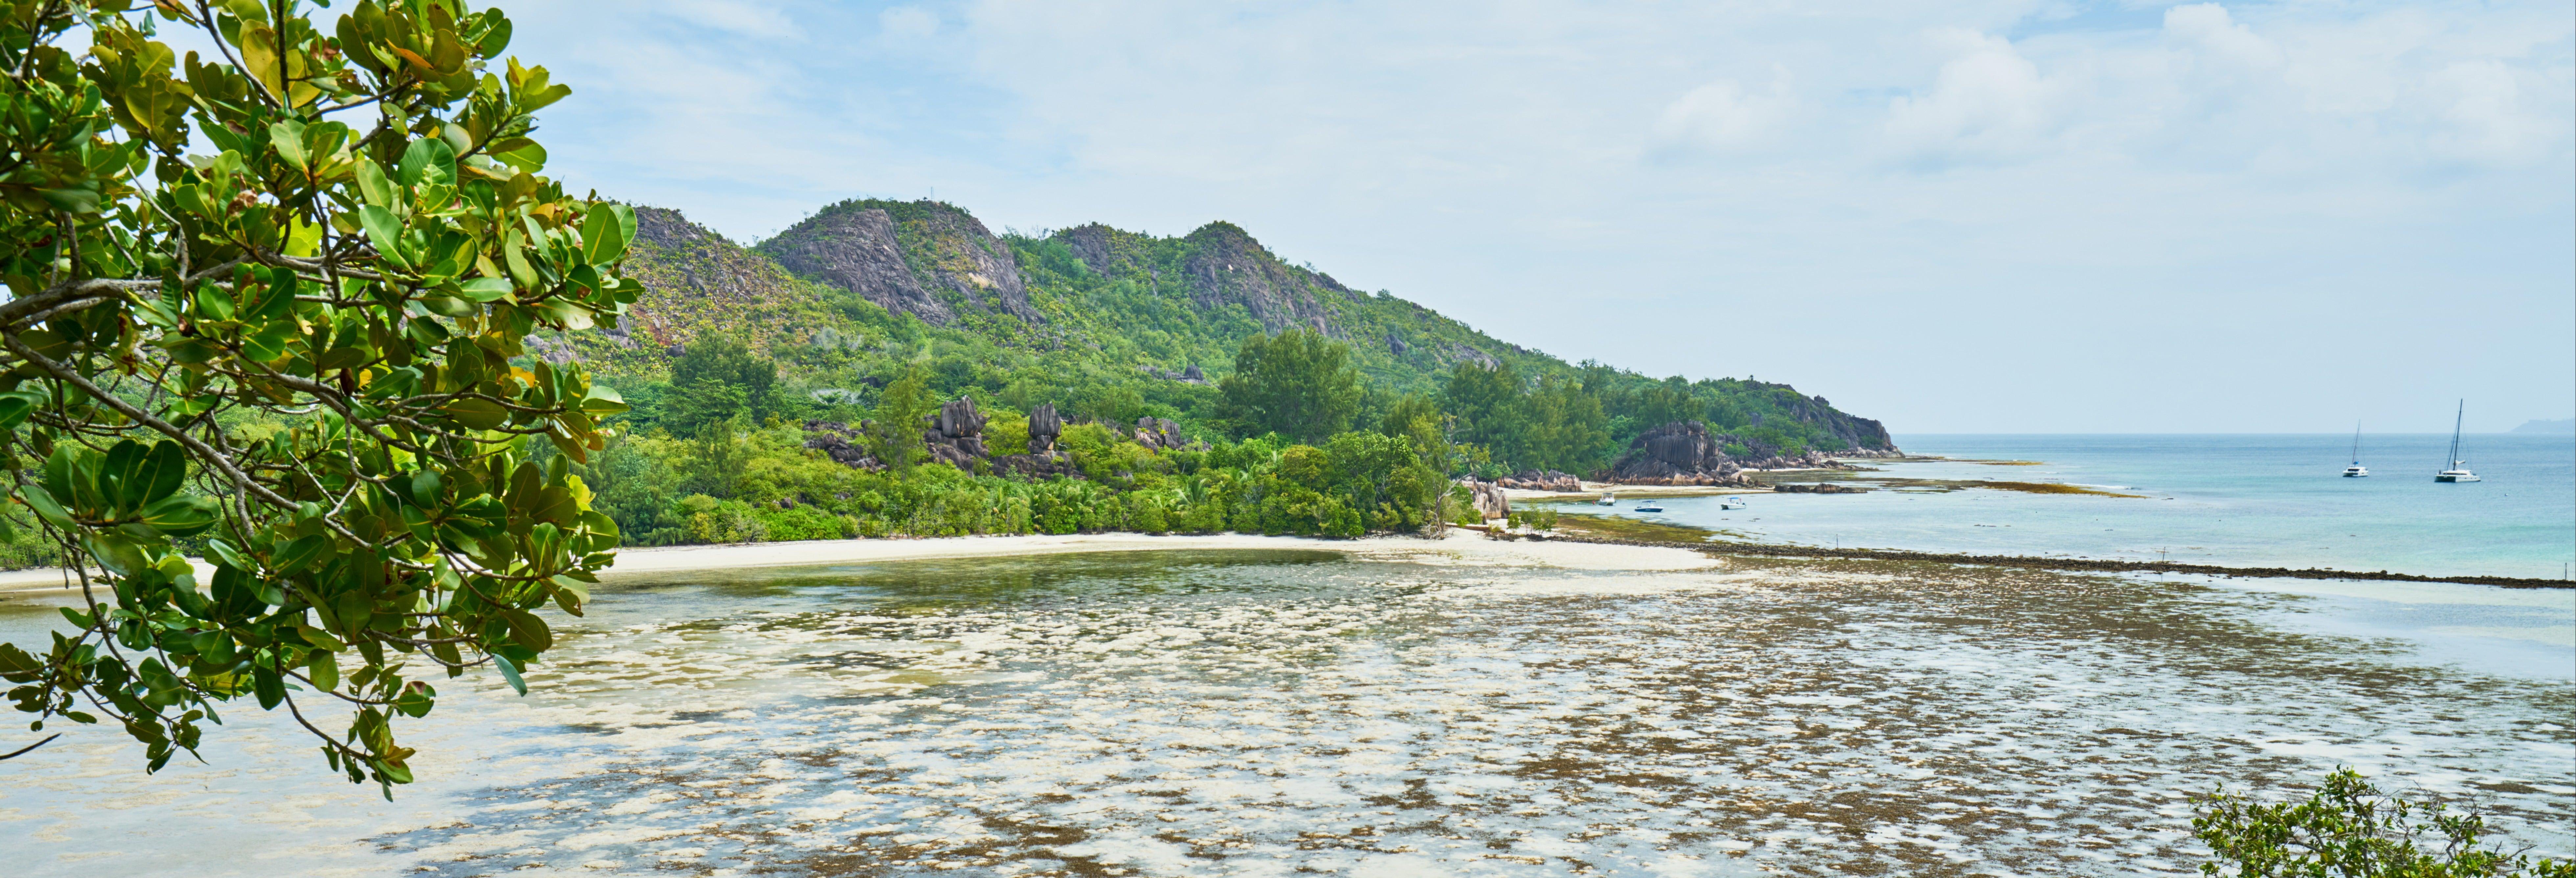 Excursão à ilha Curieuse